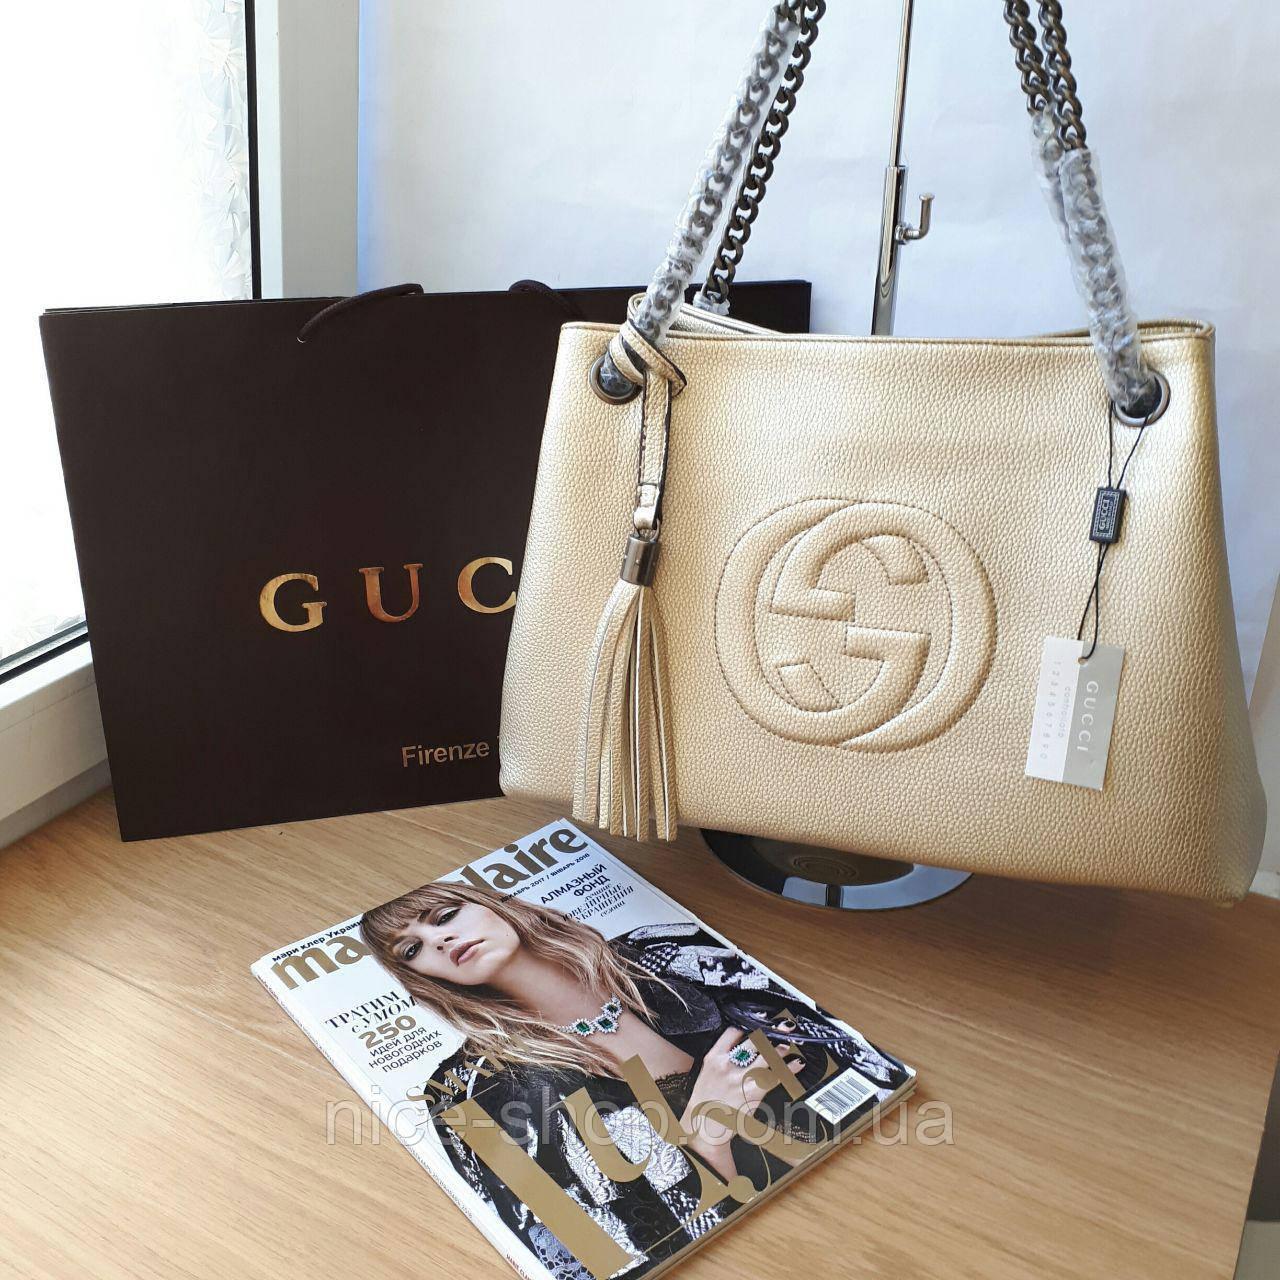 9e0b0a2d8229 Сумка Gucci золотая: продажа, цена в Одессе. женские сумочки и ...